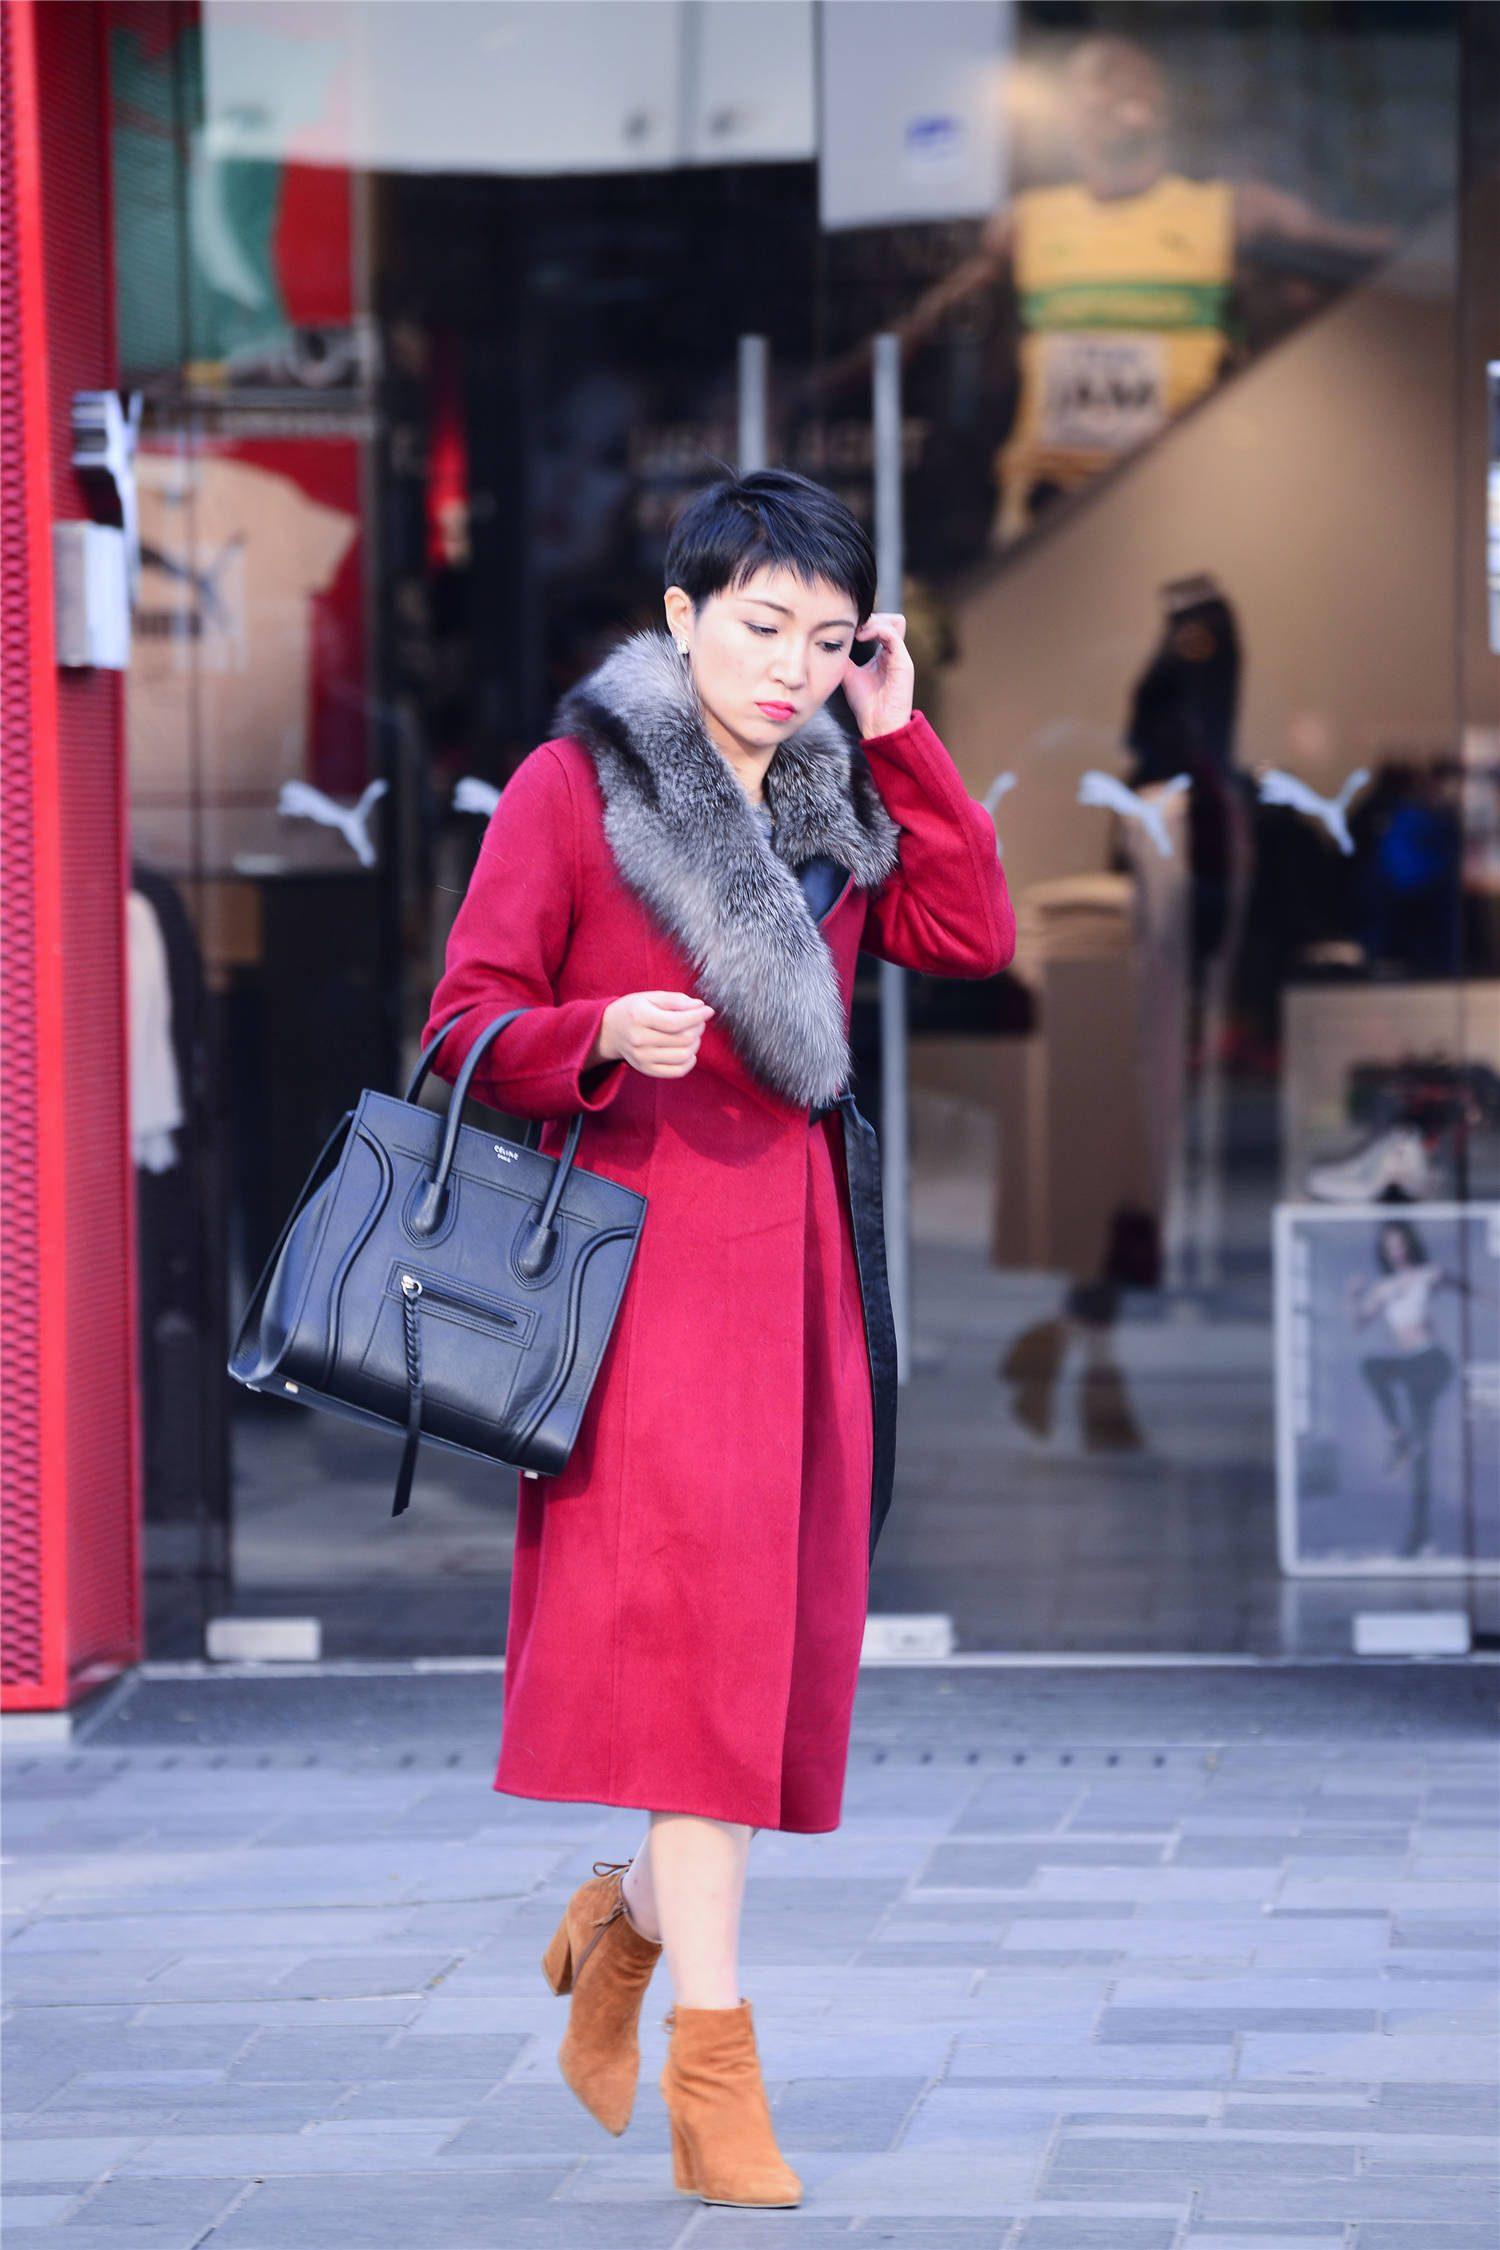 一款红色的长款大衣,自带着显瘦效果,搭配高跟短靴衬托身材